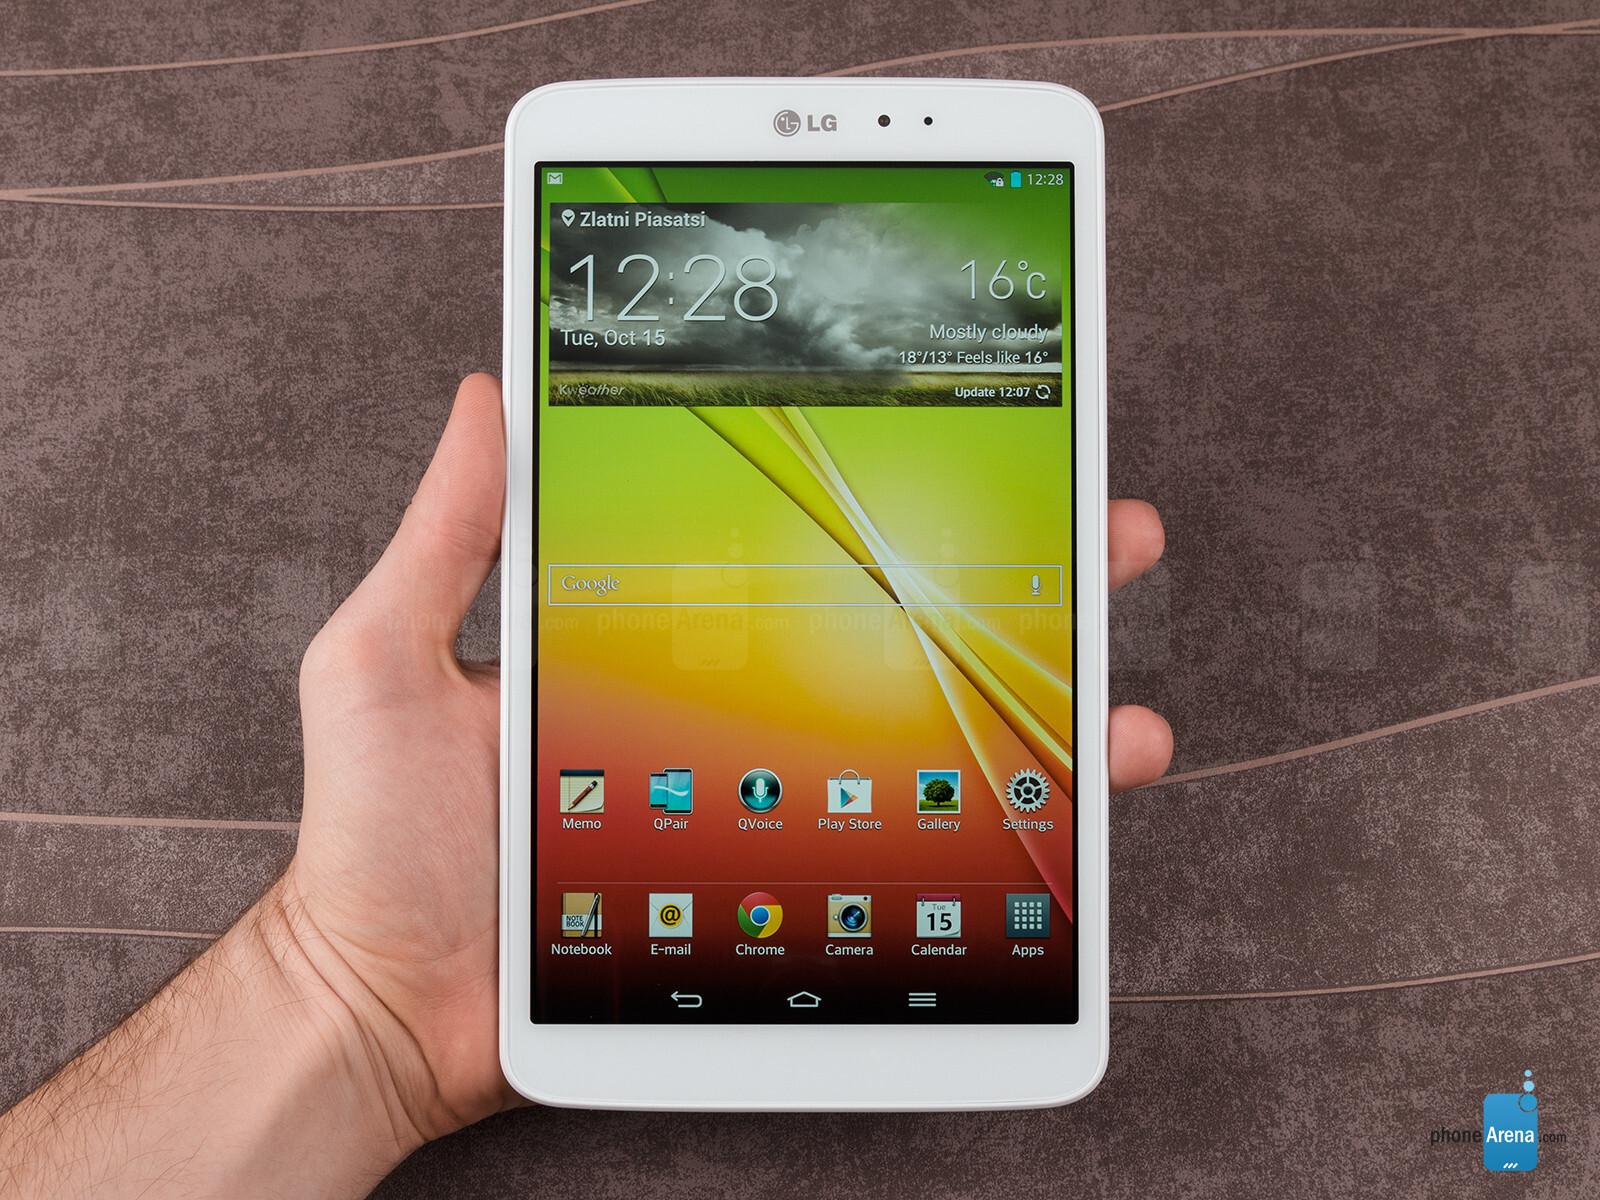 Đánh giá LG G Pad 8.3: Các tính năng nổi bật khác